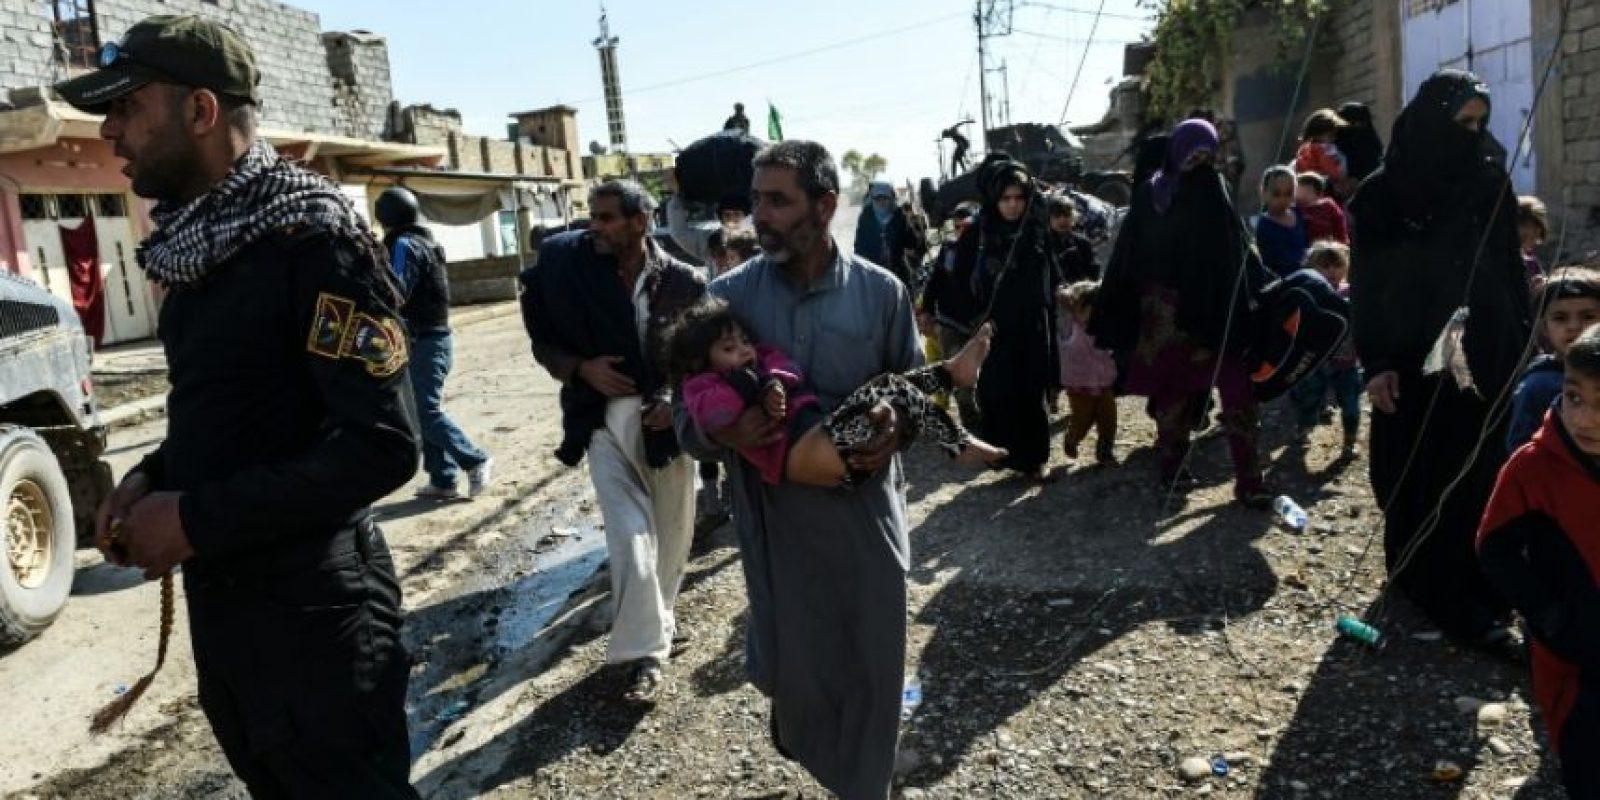 Varios civiles iraquíes huyen del pueblo de Gogjali, a unos pocos metros de la frontera oriental de Mosul, el 2 de noviembre de 2016 Foto:Bulent Kilic/afp.com